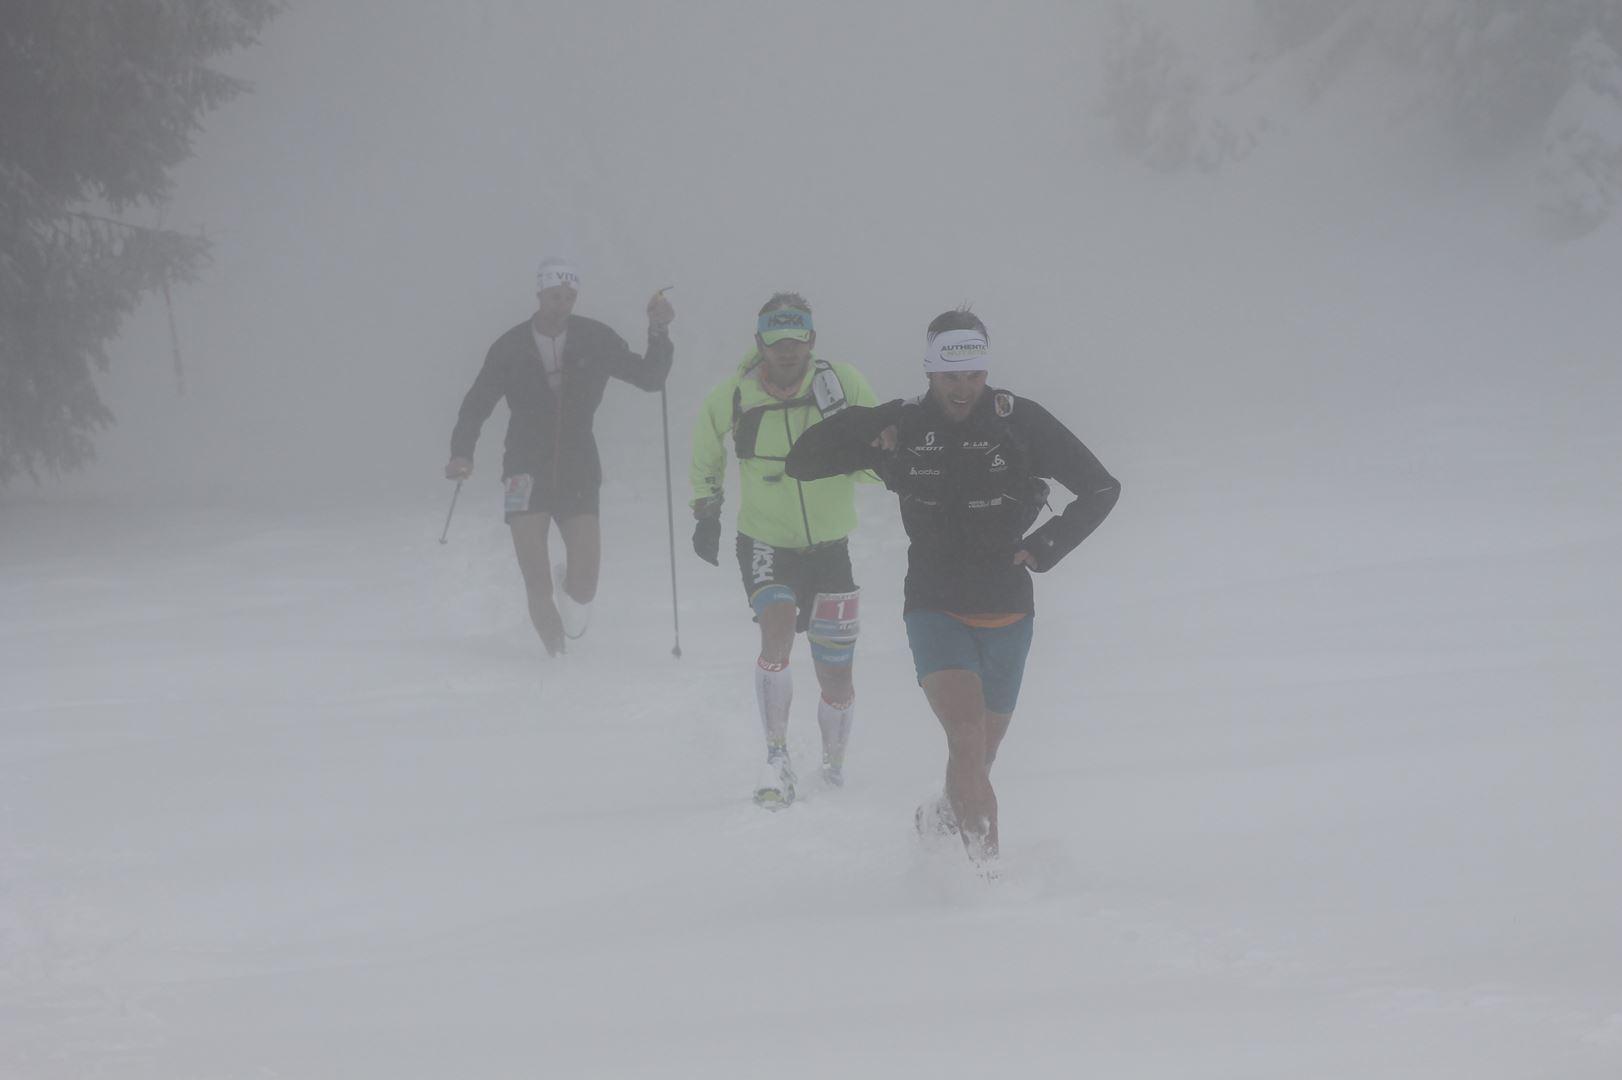 Le trio de tête sous le Mont Revard - RESULTATS, COMPTE RENDU, PHOTOS ET VIDEOS DU TRAIL NIVOLET REVARD / 01-05-16